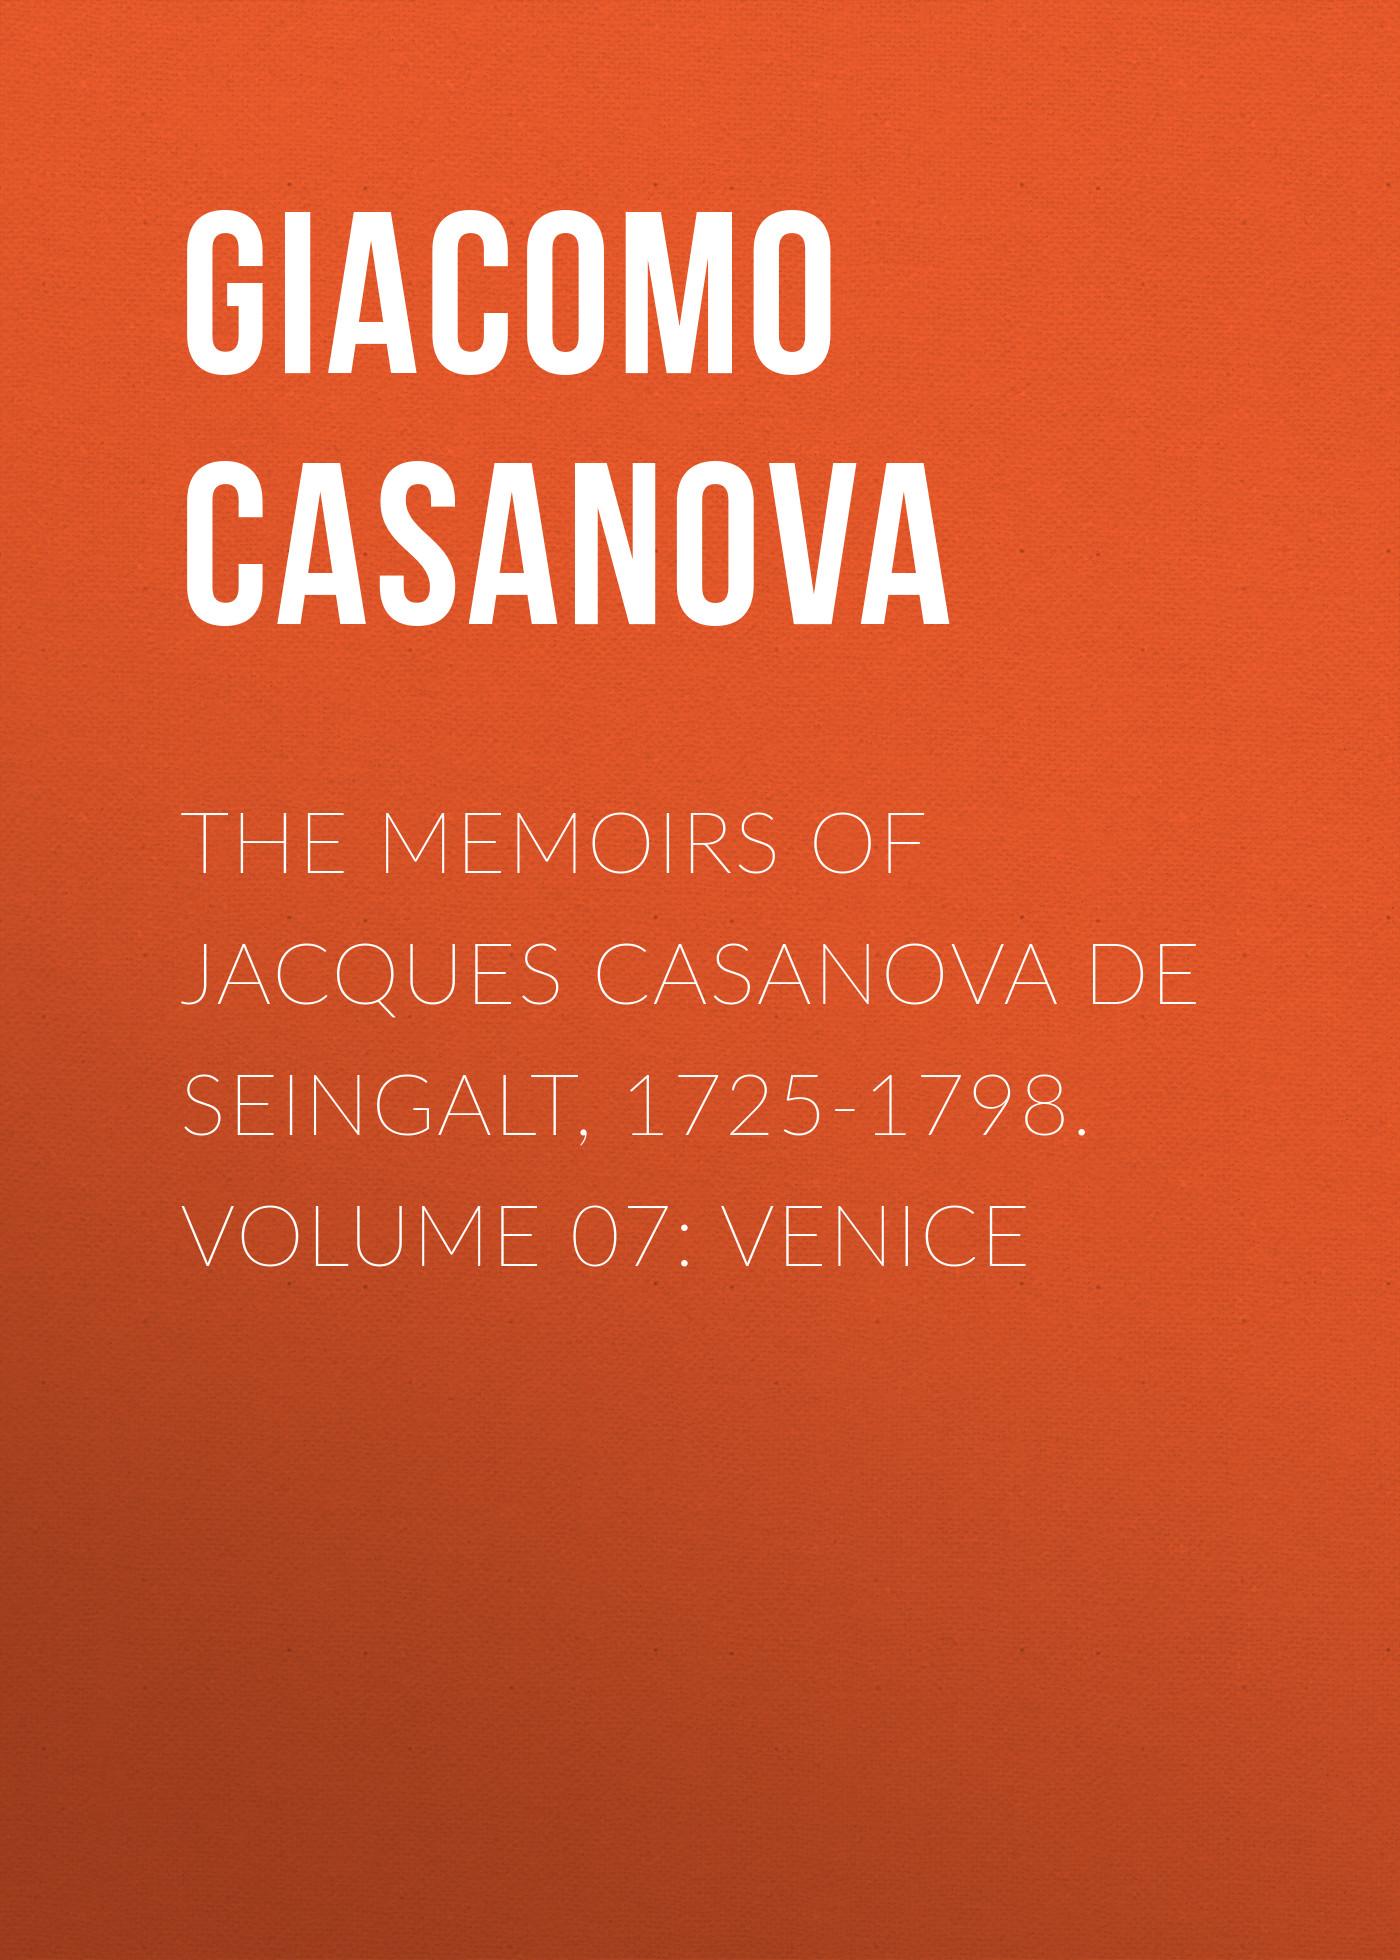 Giacomo Casanova The Memoirs of Jacques Casanova de Seingalt, 1725-1798. Volume 07: Venice giacomo casanova the memoirs of jacques casanova de seingalt 1725 1798 volume 22 to london